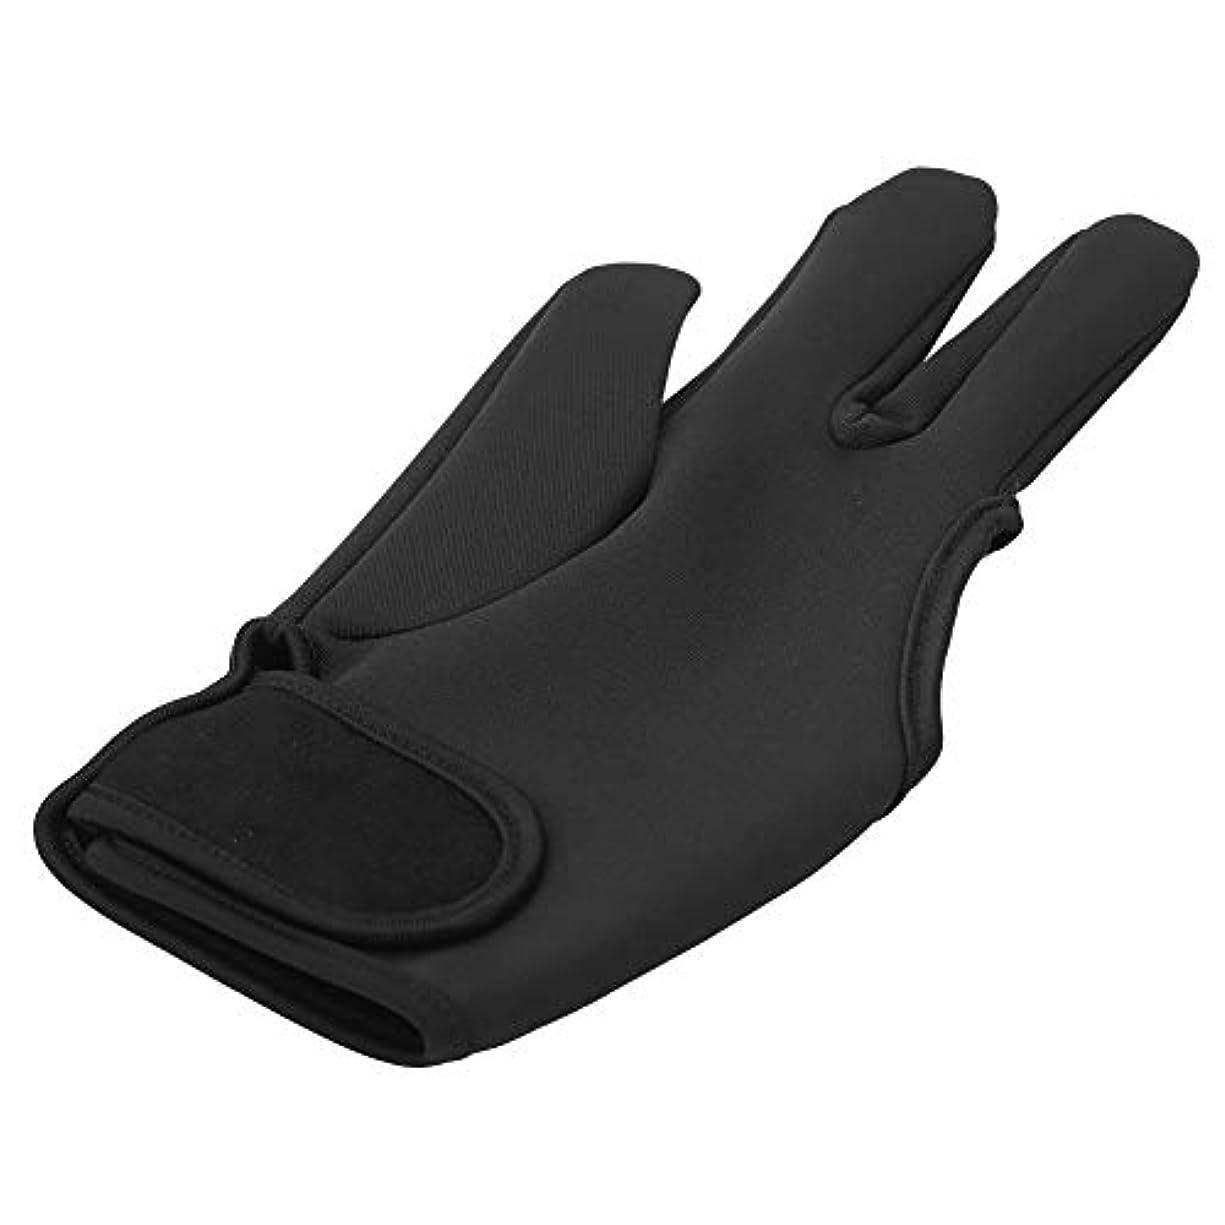 異なる超越するタヒチ理髪手袋、理髪を行うときに手をやけどするのを防ぐためのプロの耐熱プルーフグローブ、美容院に最適